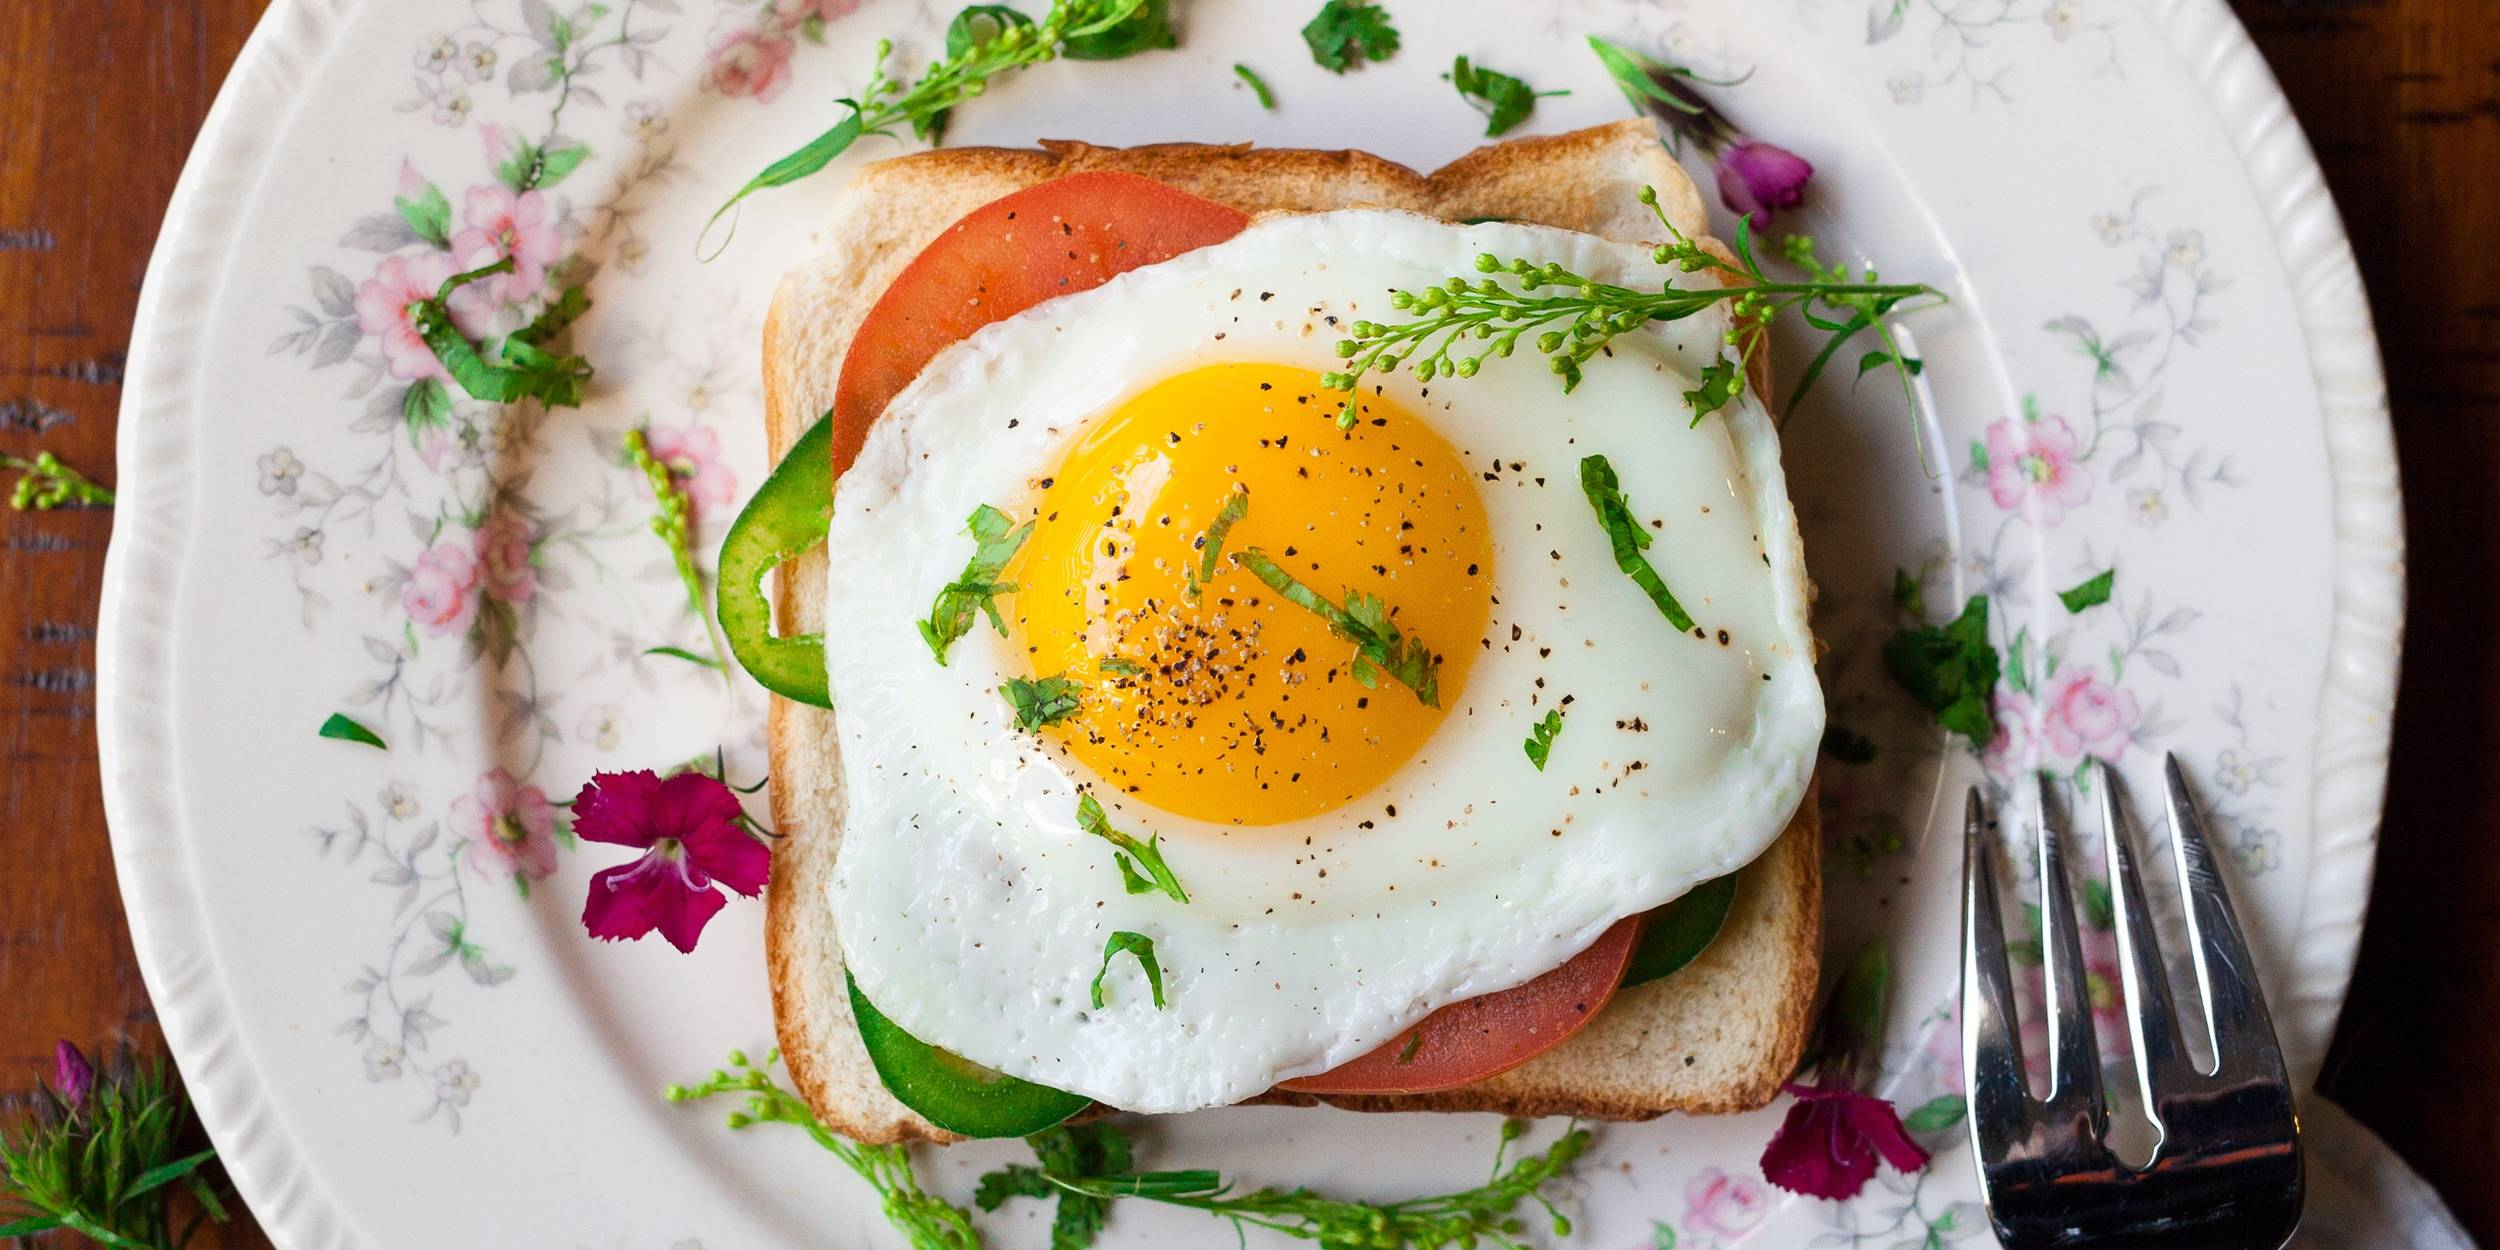 Как приготовить яйца в духовке: 10 рецептов, которые разнообразят завтрак